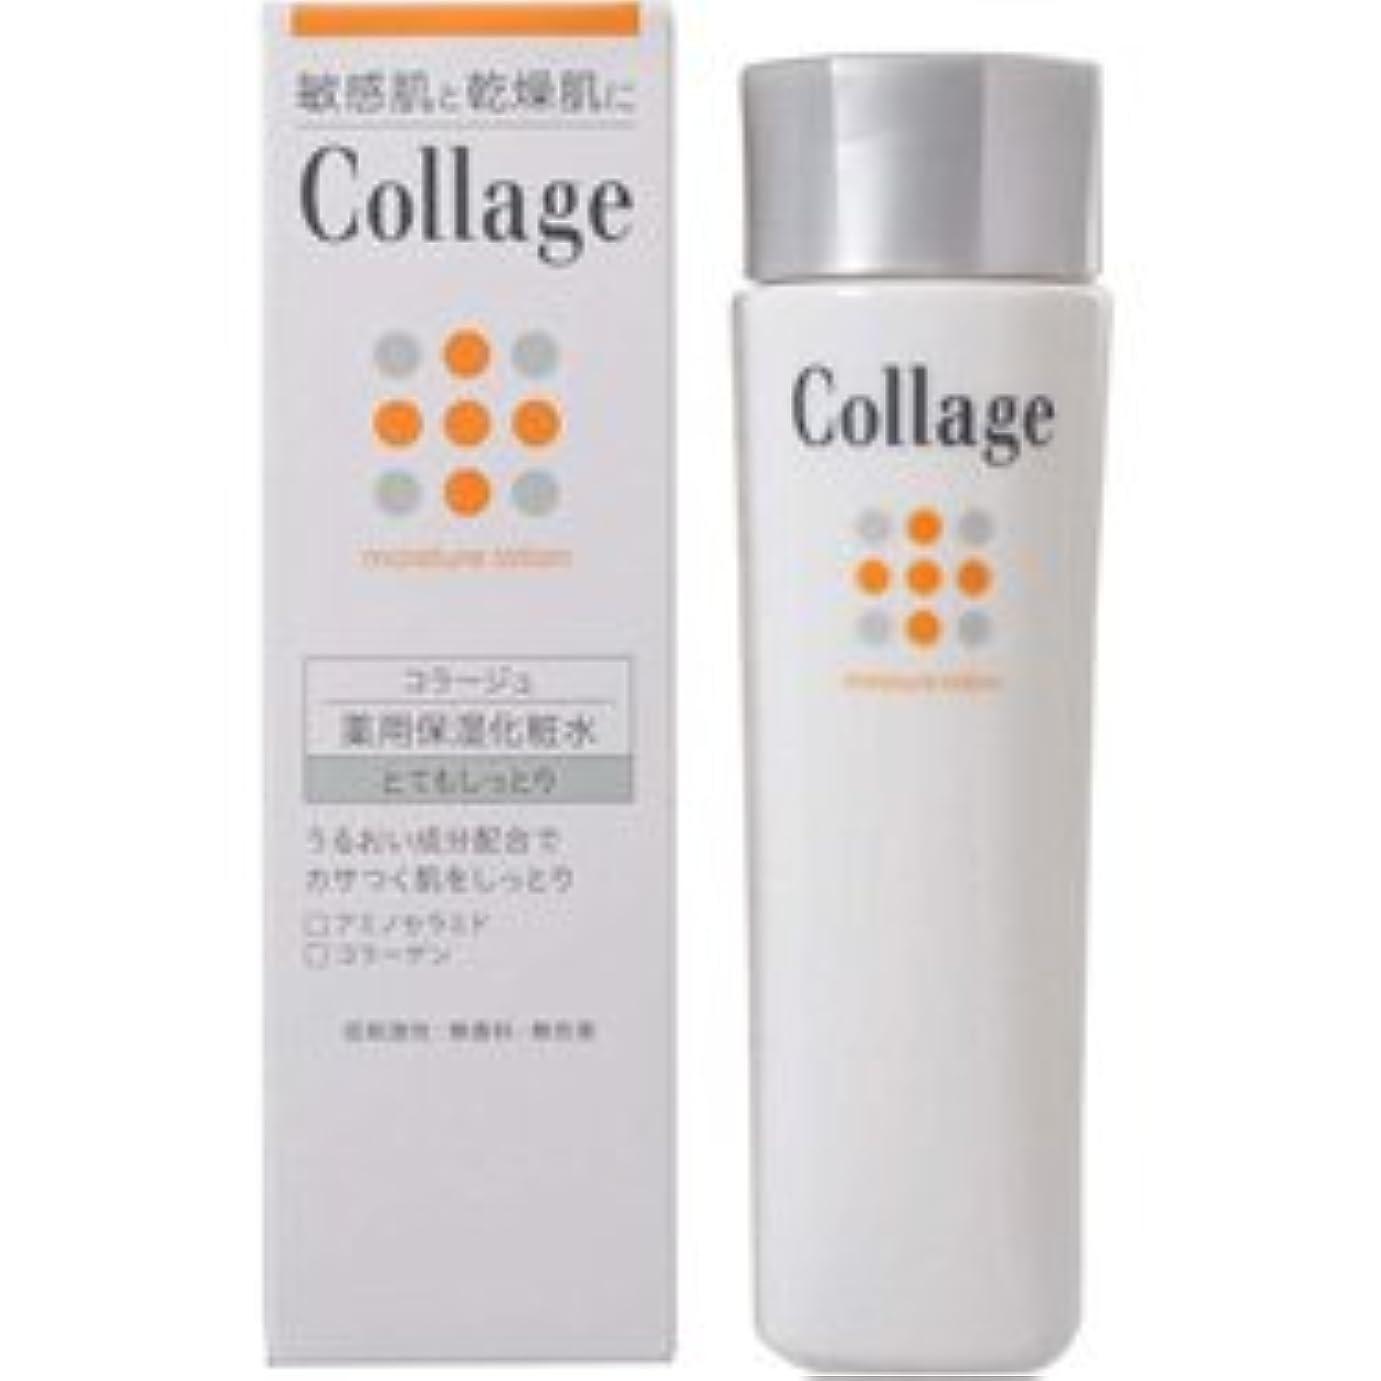 名誉足音契約した【持田ヘルスケア】 コラージュ薬用保湿化粧水 とてもしっとり 120ml (医薬部外品) ×3個セット